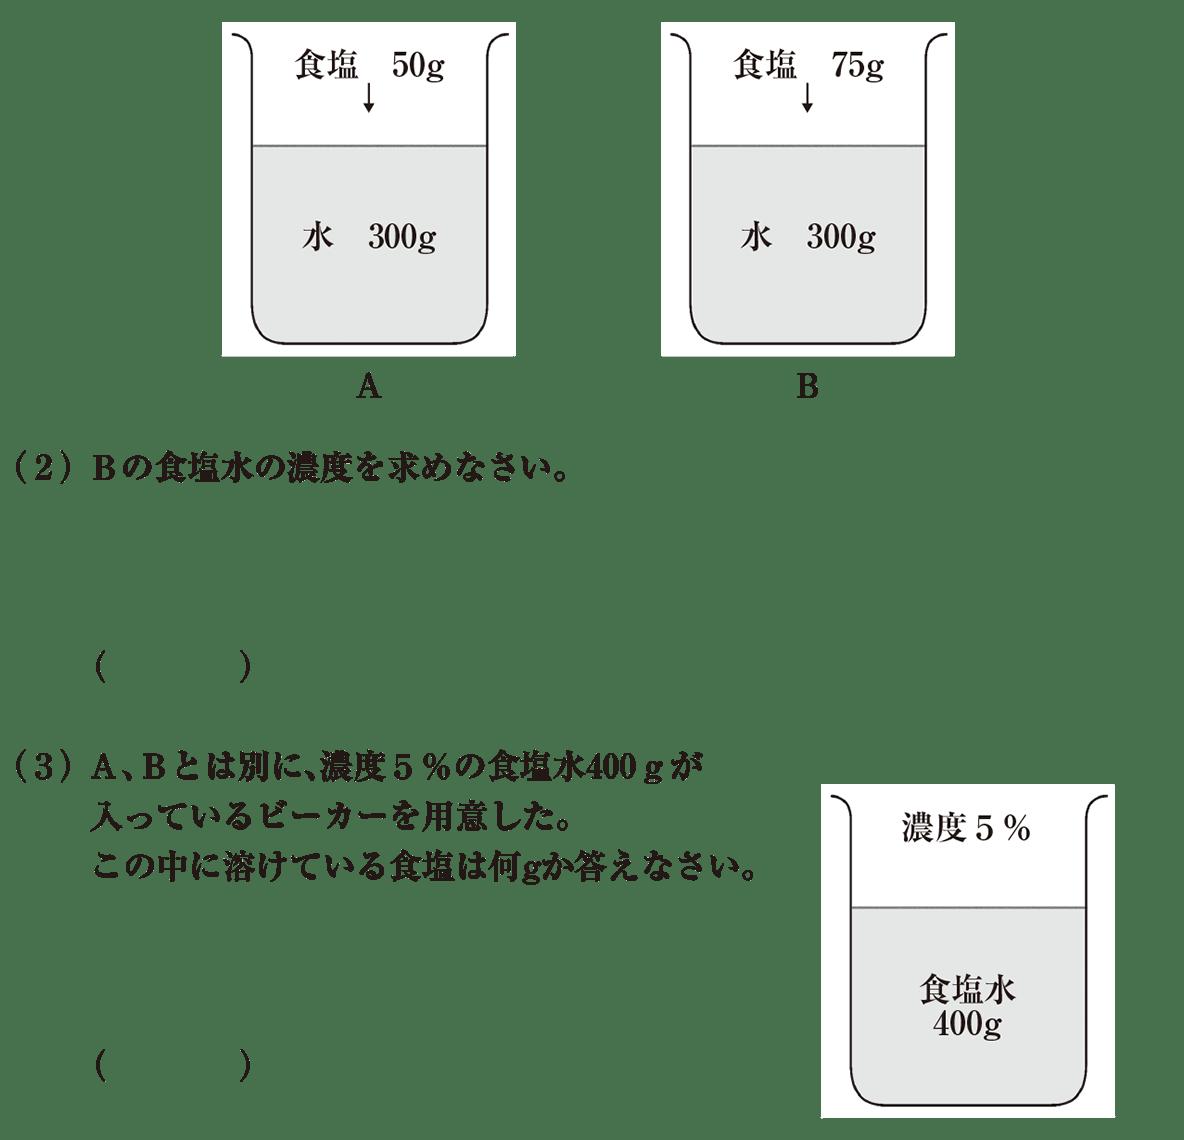 中1 理科化学14 練習 (2)(3)、答えなし